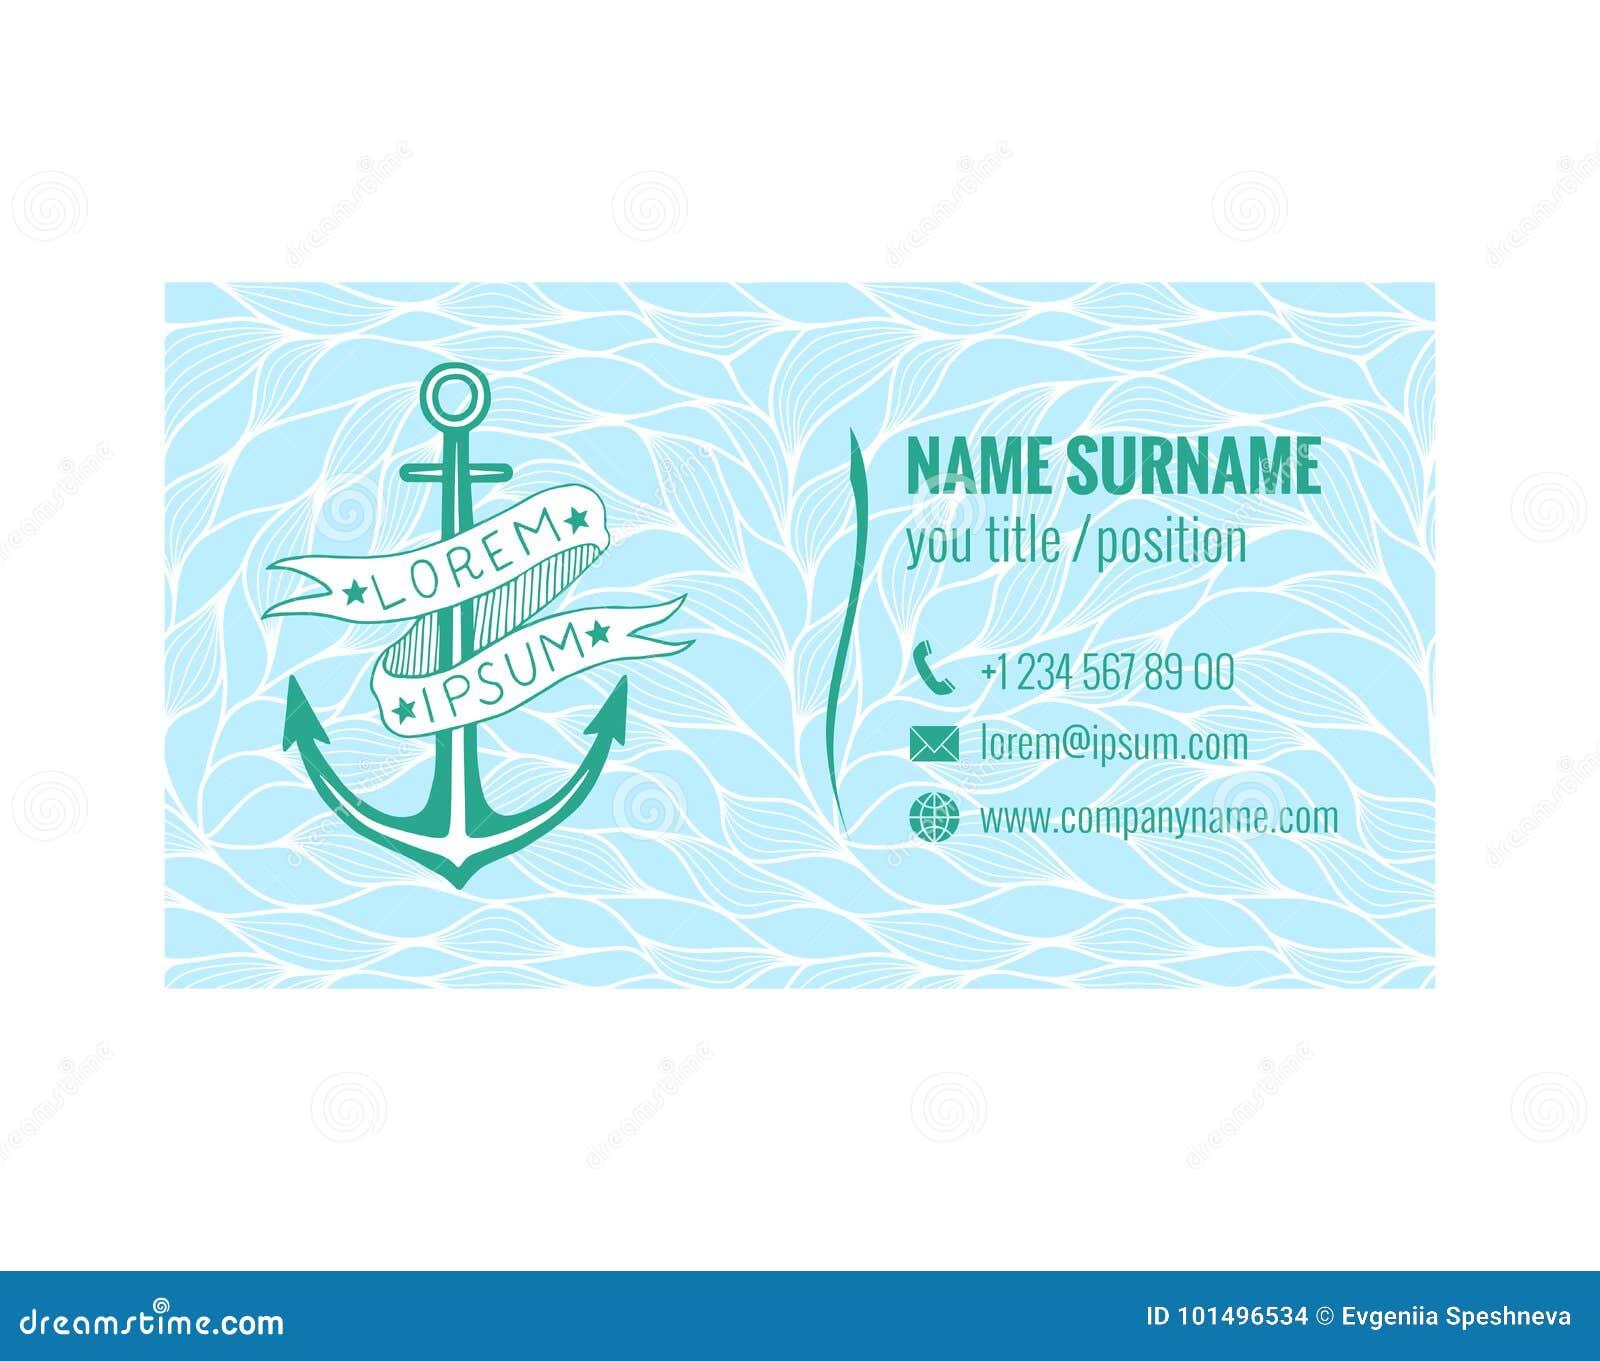 Calibre De Carte Visite Professionnelle Pour Le Club Yacht Transport Maritime Ou Lagence Voyages Conception Nautique Template